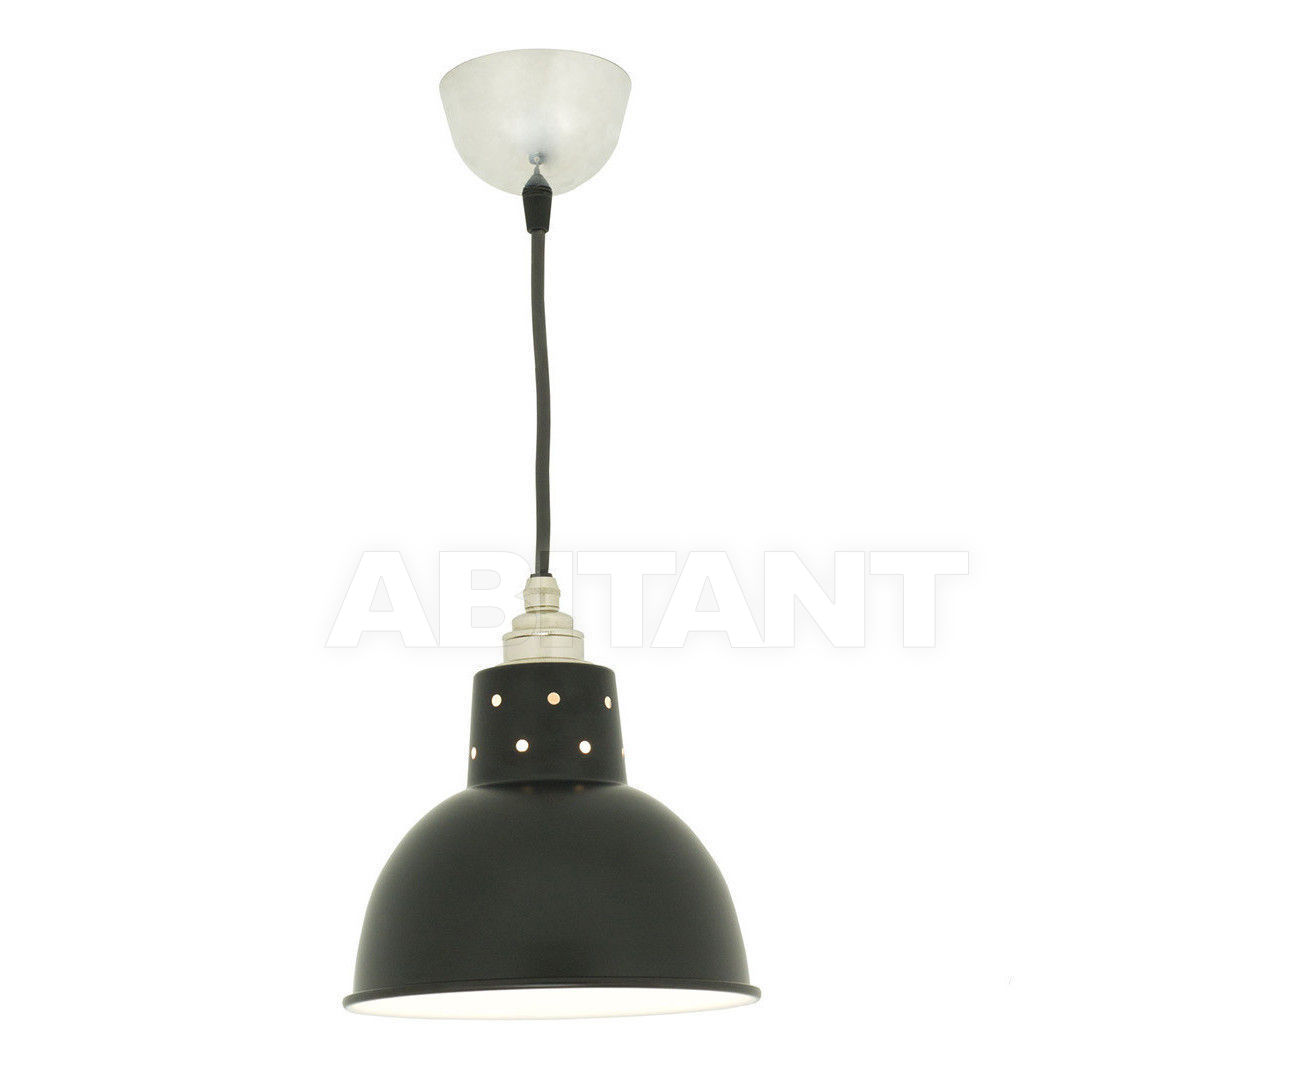 Купить Светильник Davey Lighting Pendants 7165/BL/CGLH